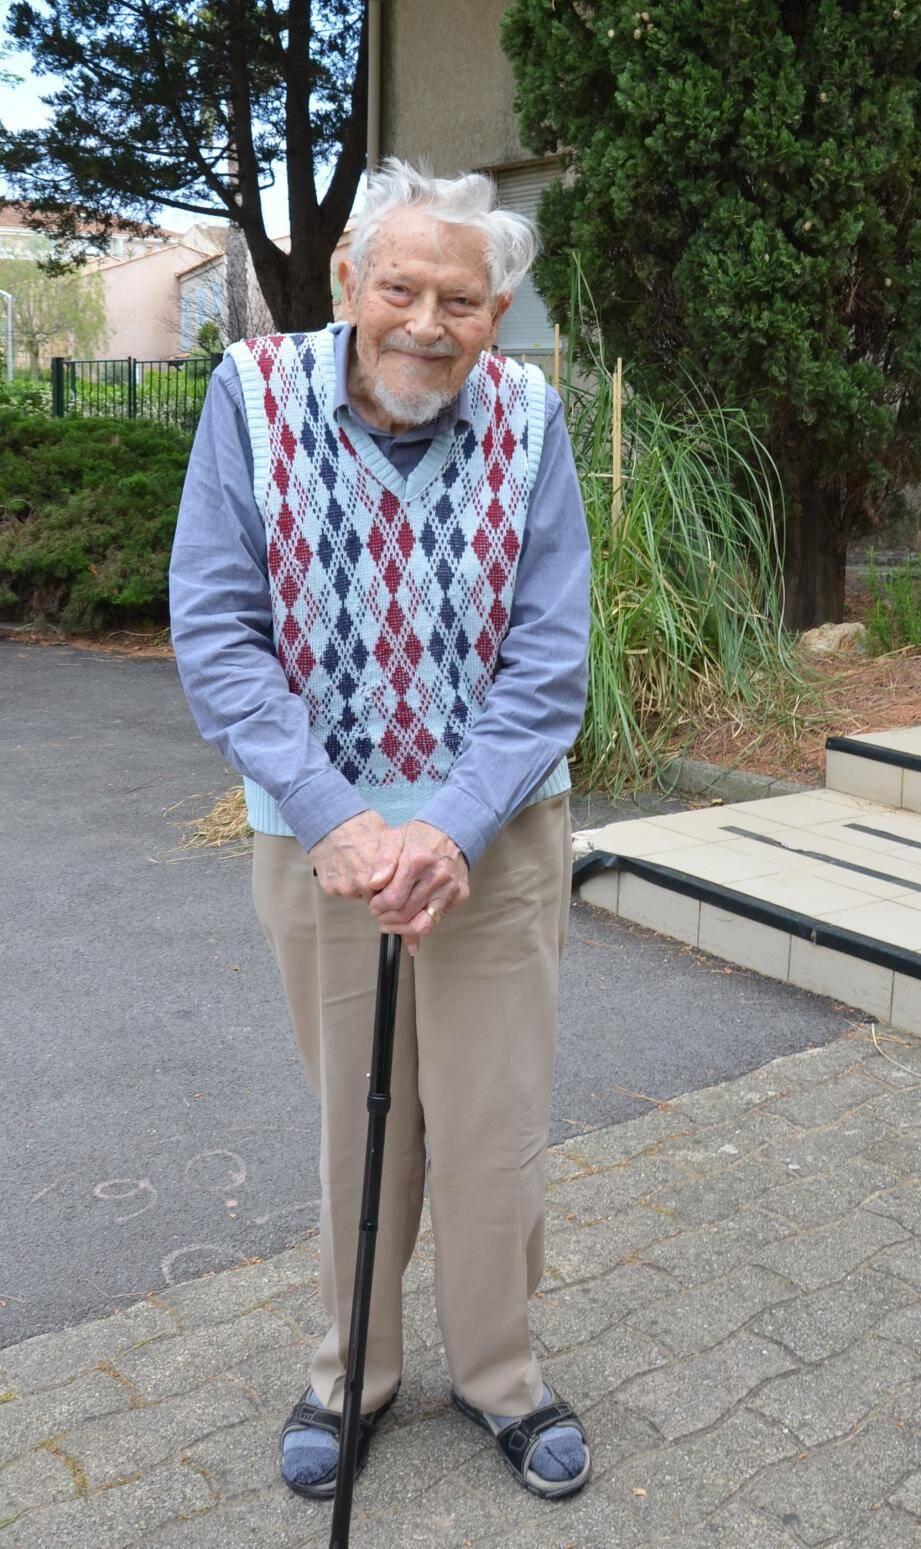 Louis Souchon effectuait une marche quotidienne.